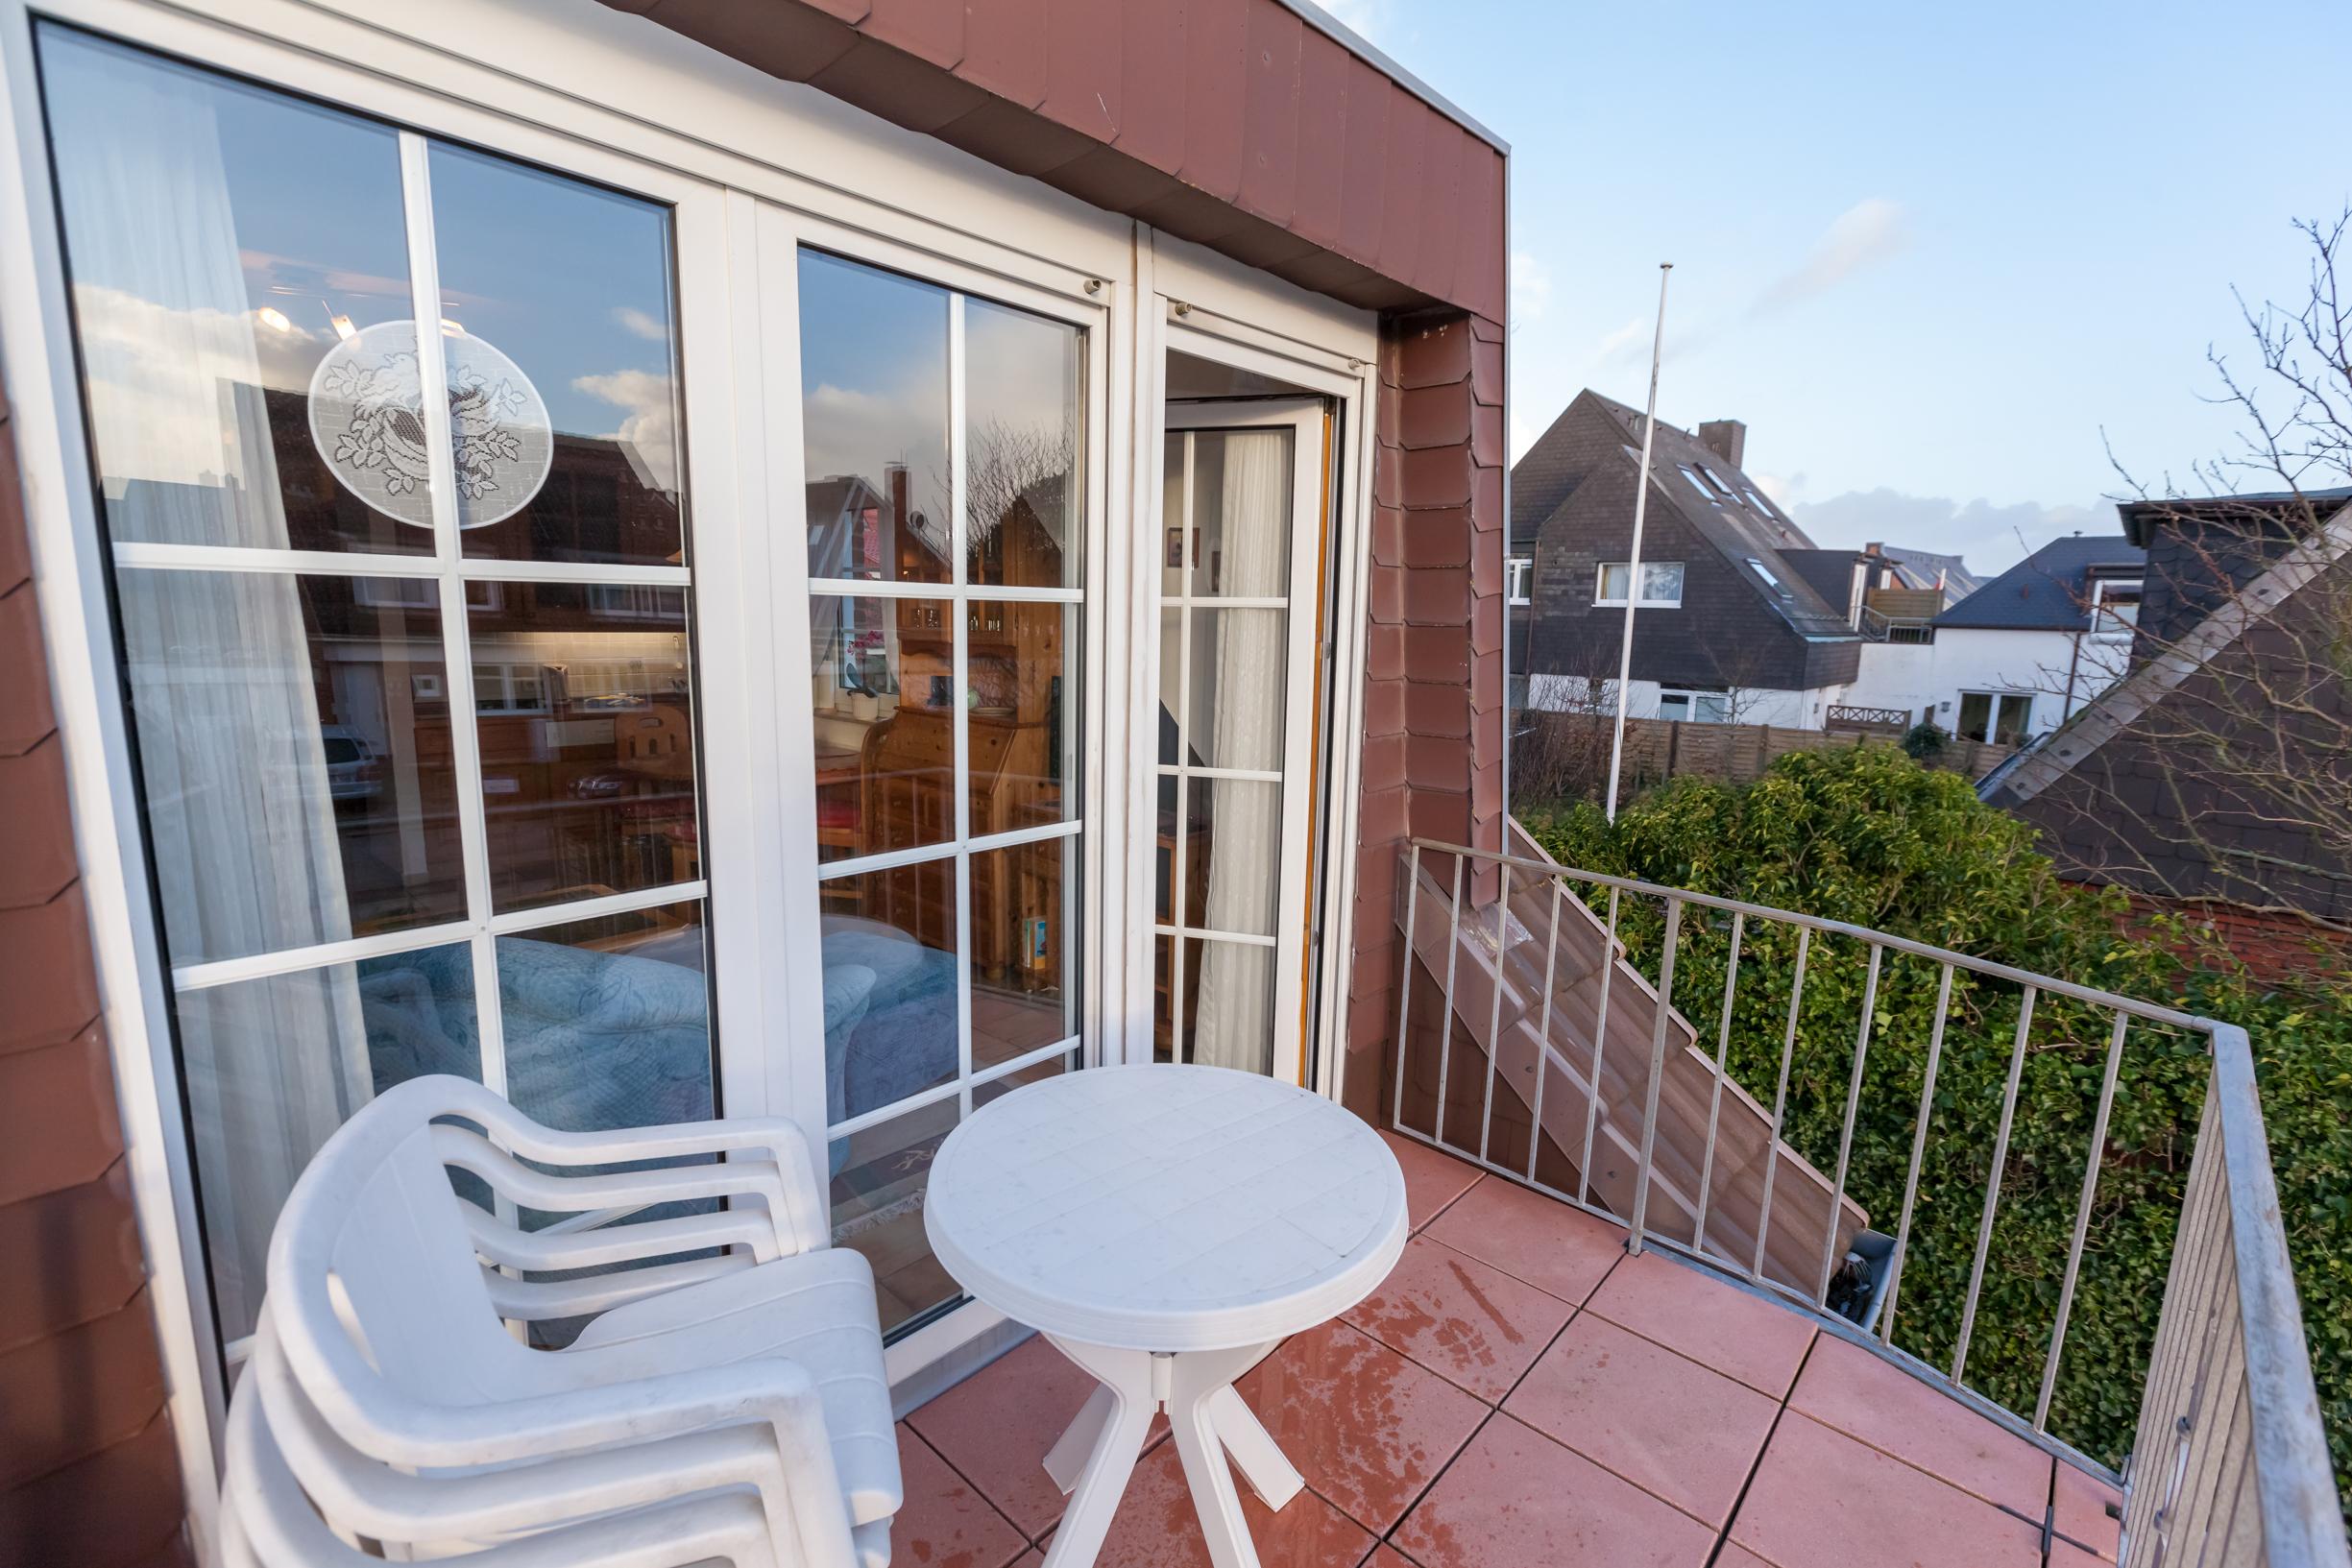 Balkon Klein Appartement : Sylter amsel amselweg wohnung og dg mit balkon zum süden